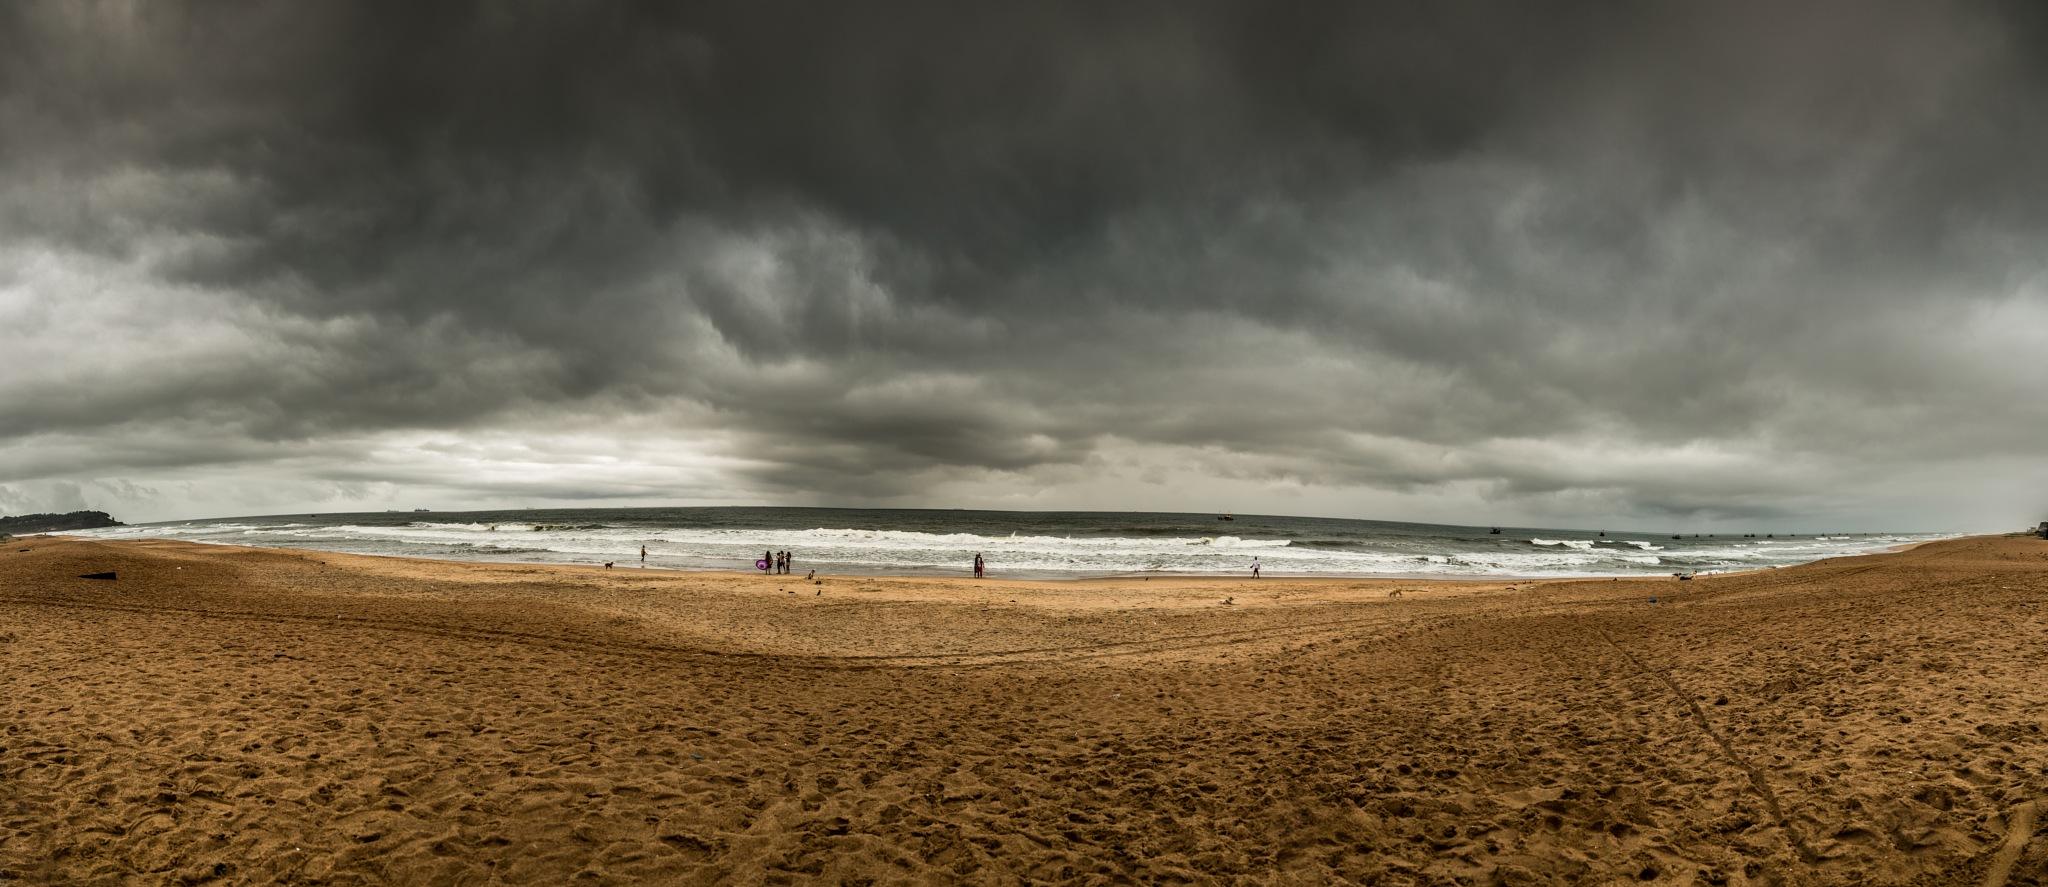 Calangute Beach by Nikhil Mace